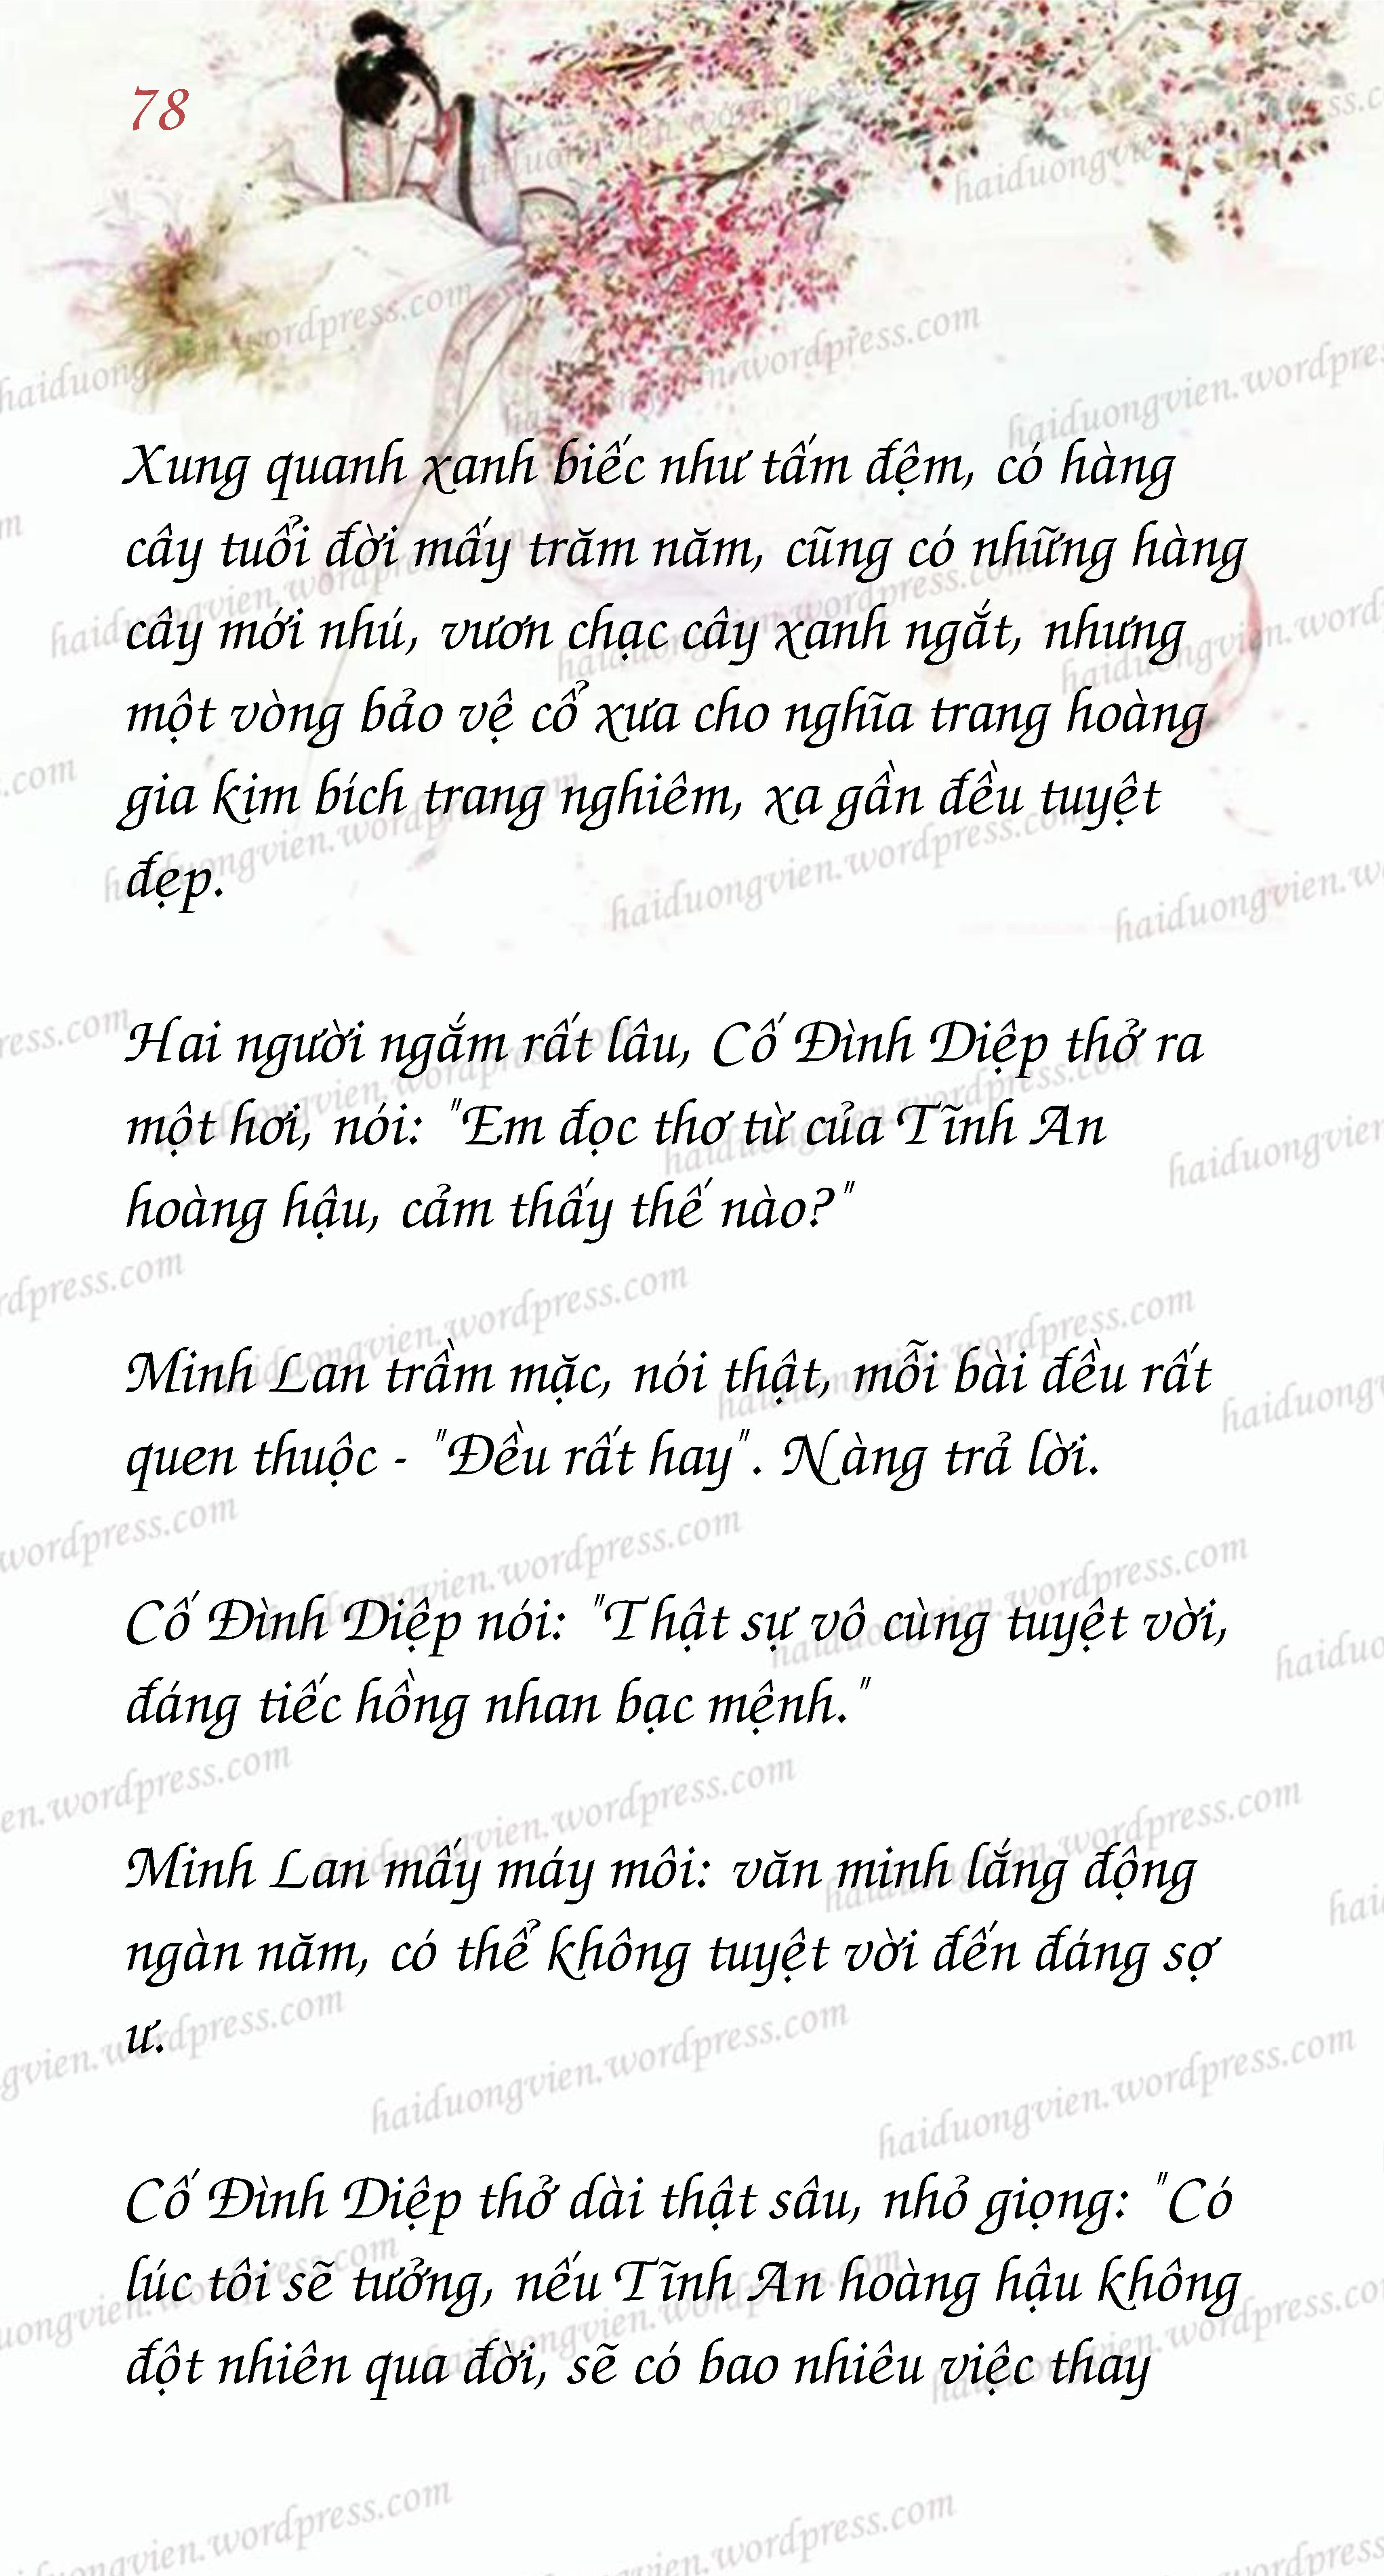 Mau_Page78